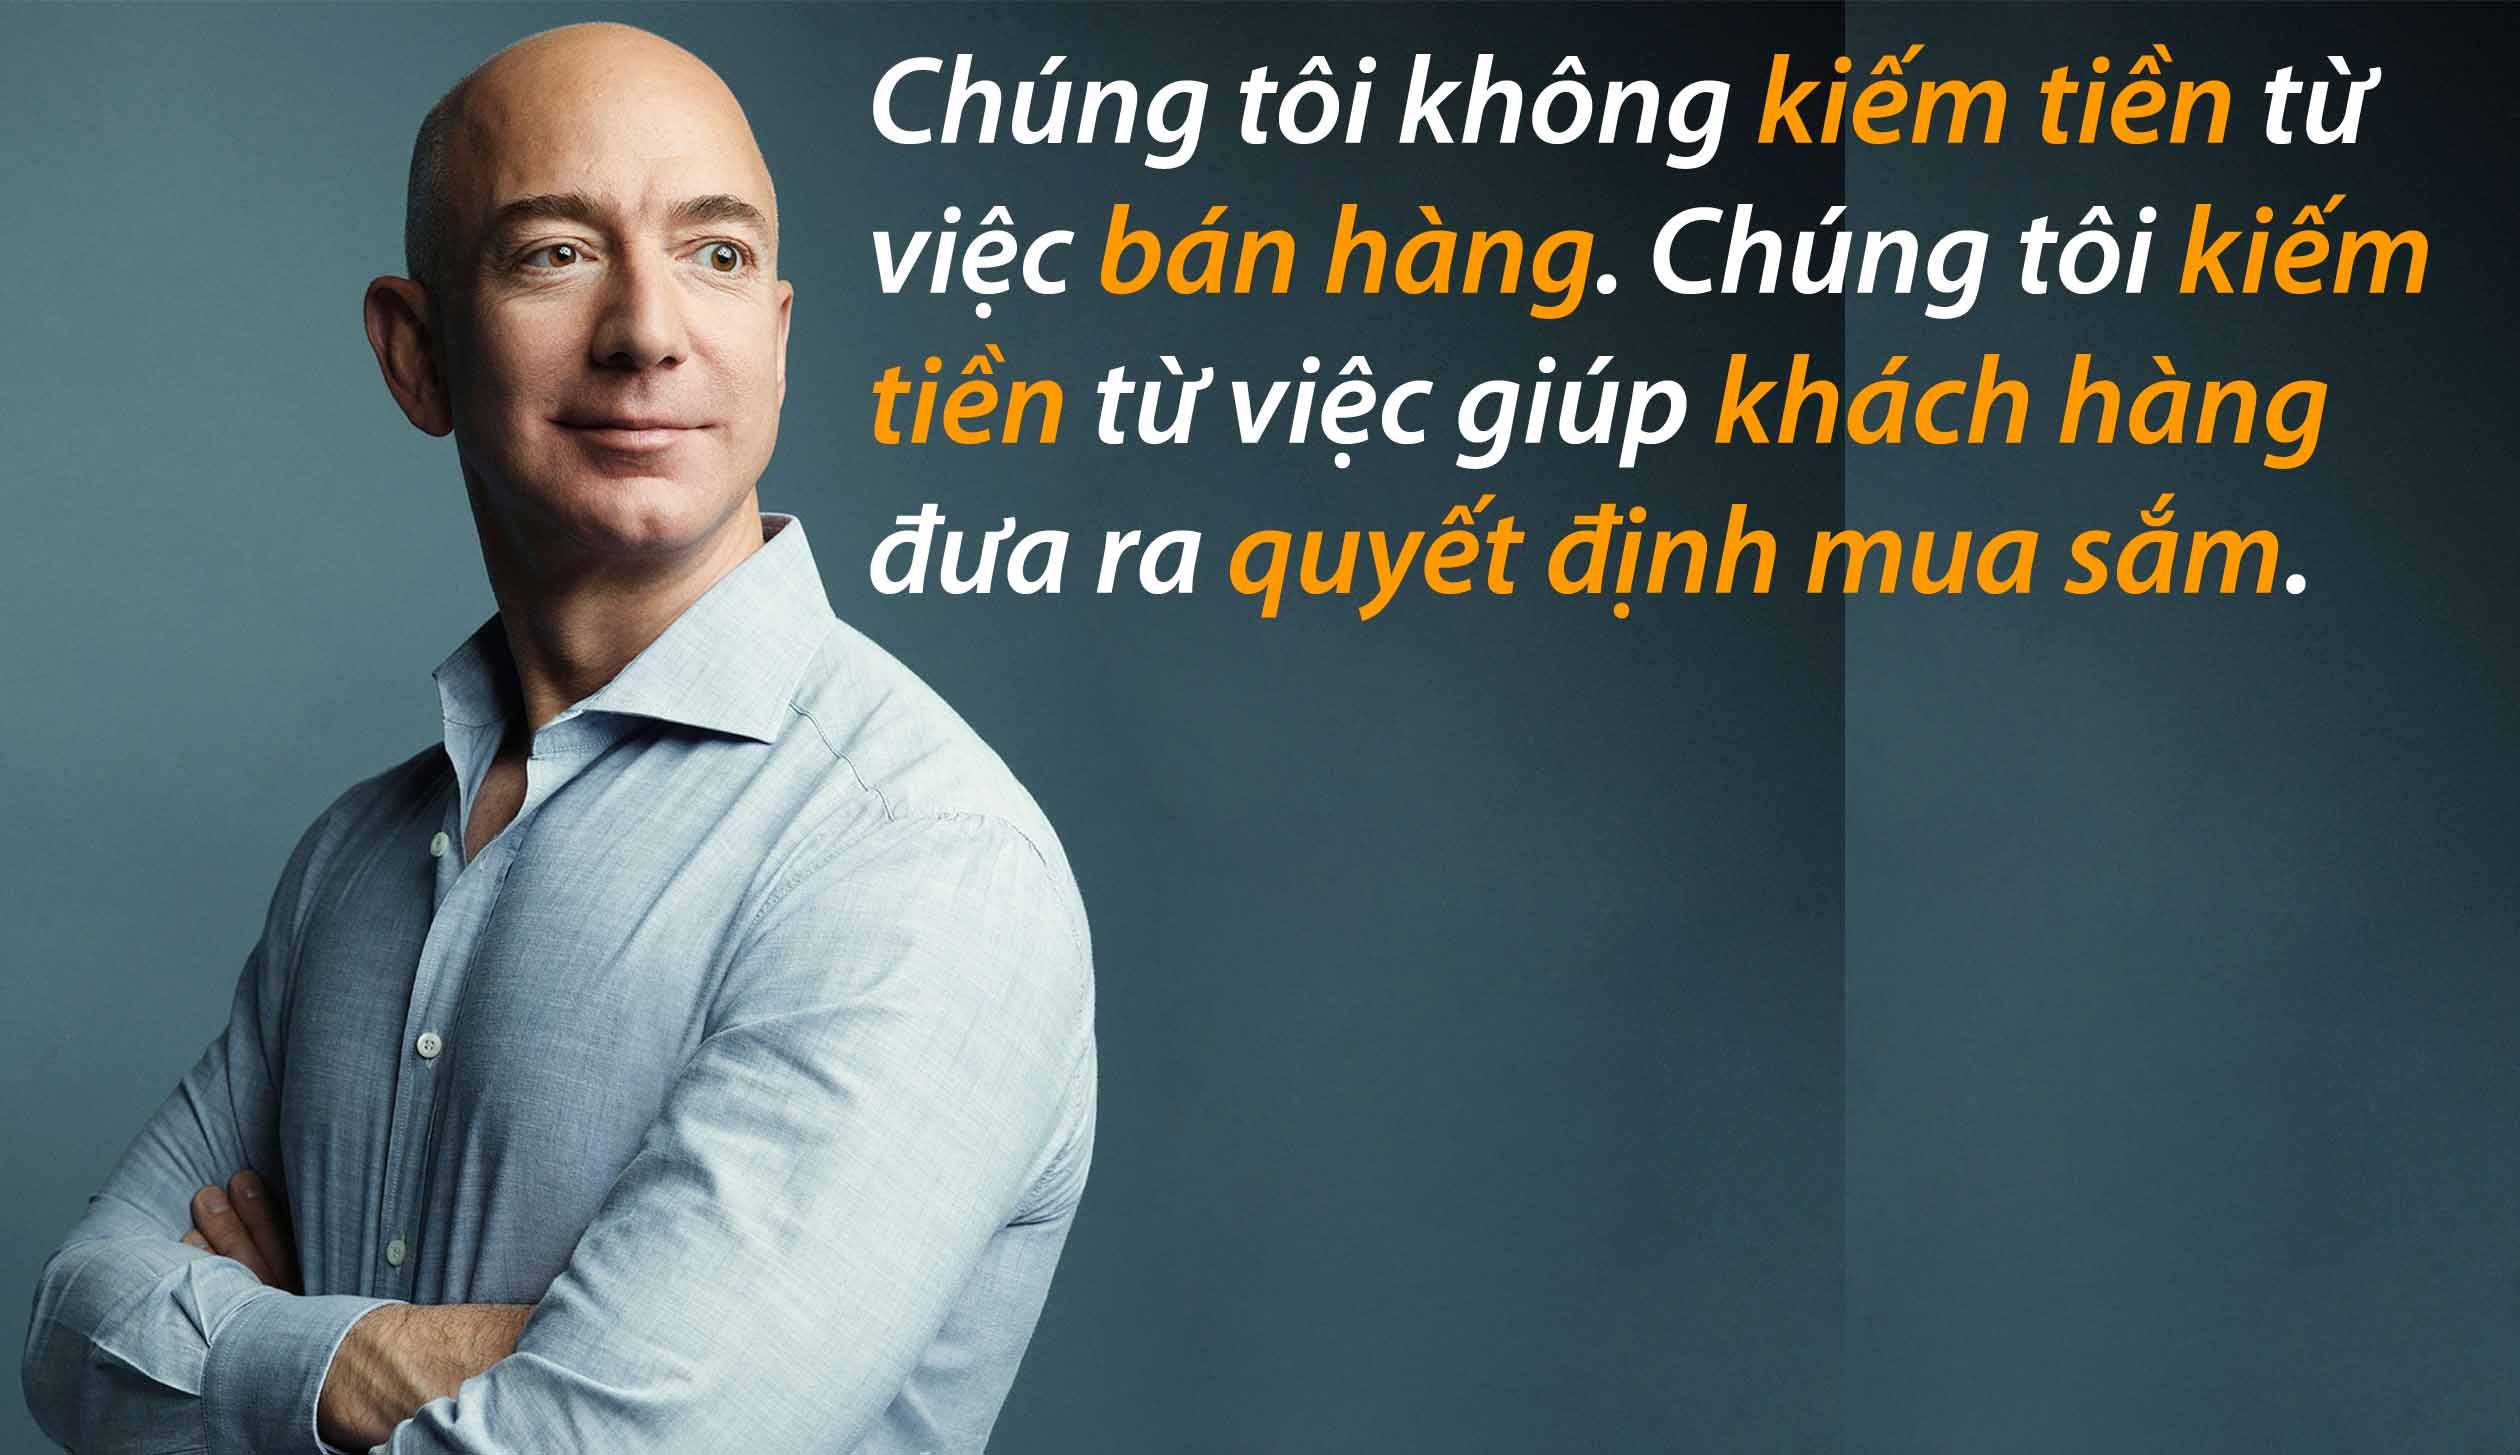 9 câu nói tiết lộ bí quyết thành công của tỷ phú Jeff Bezos ...